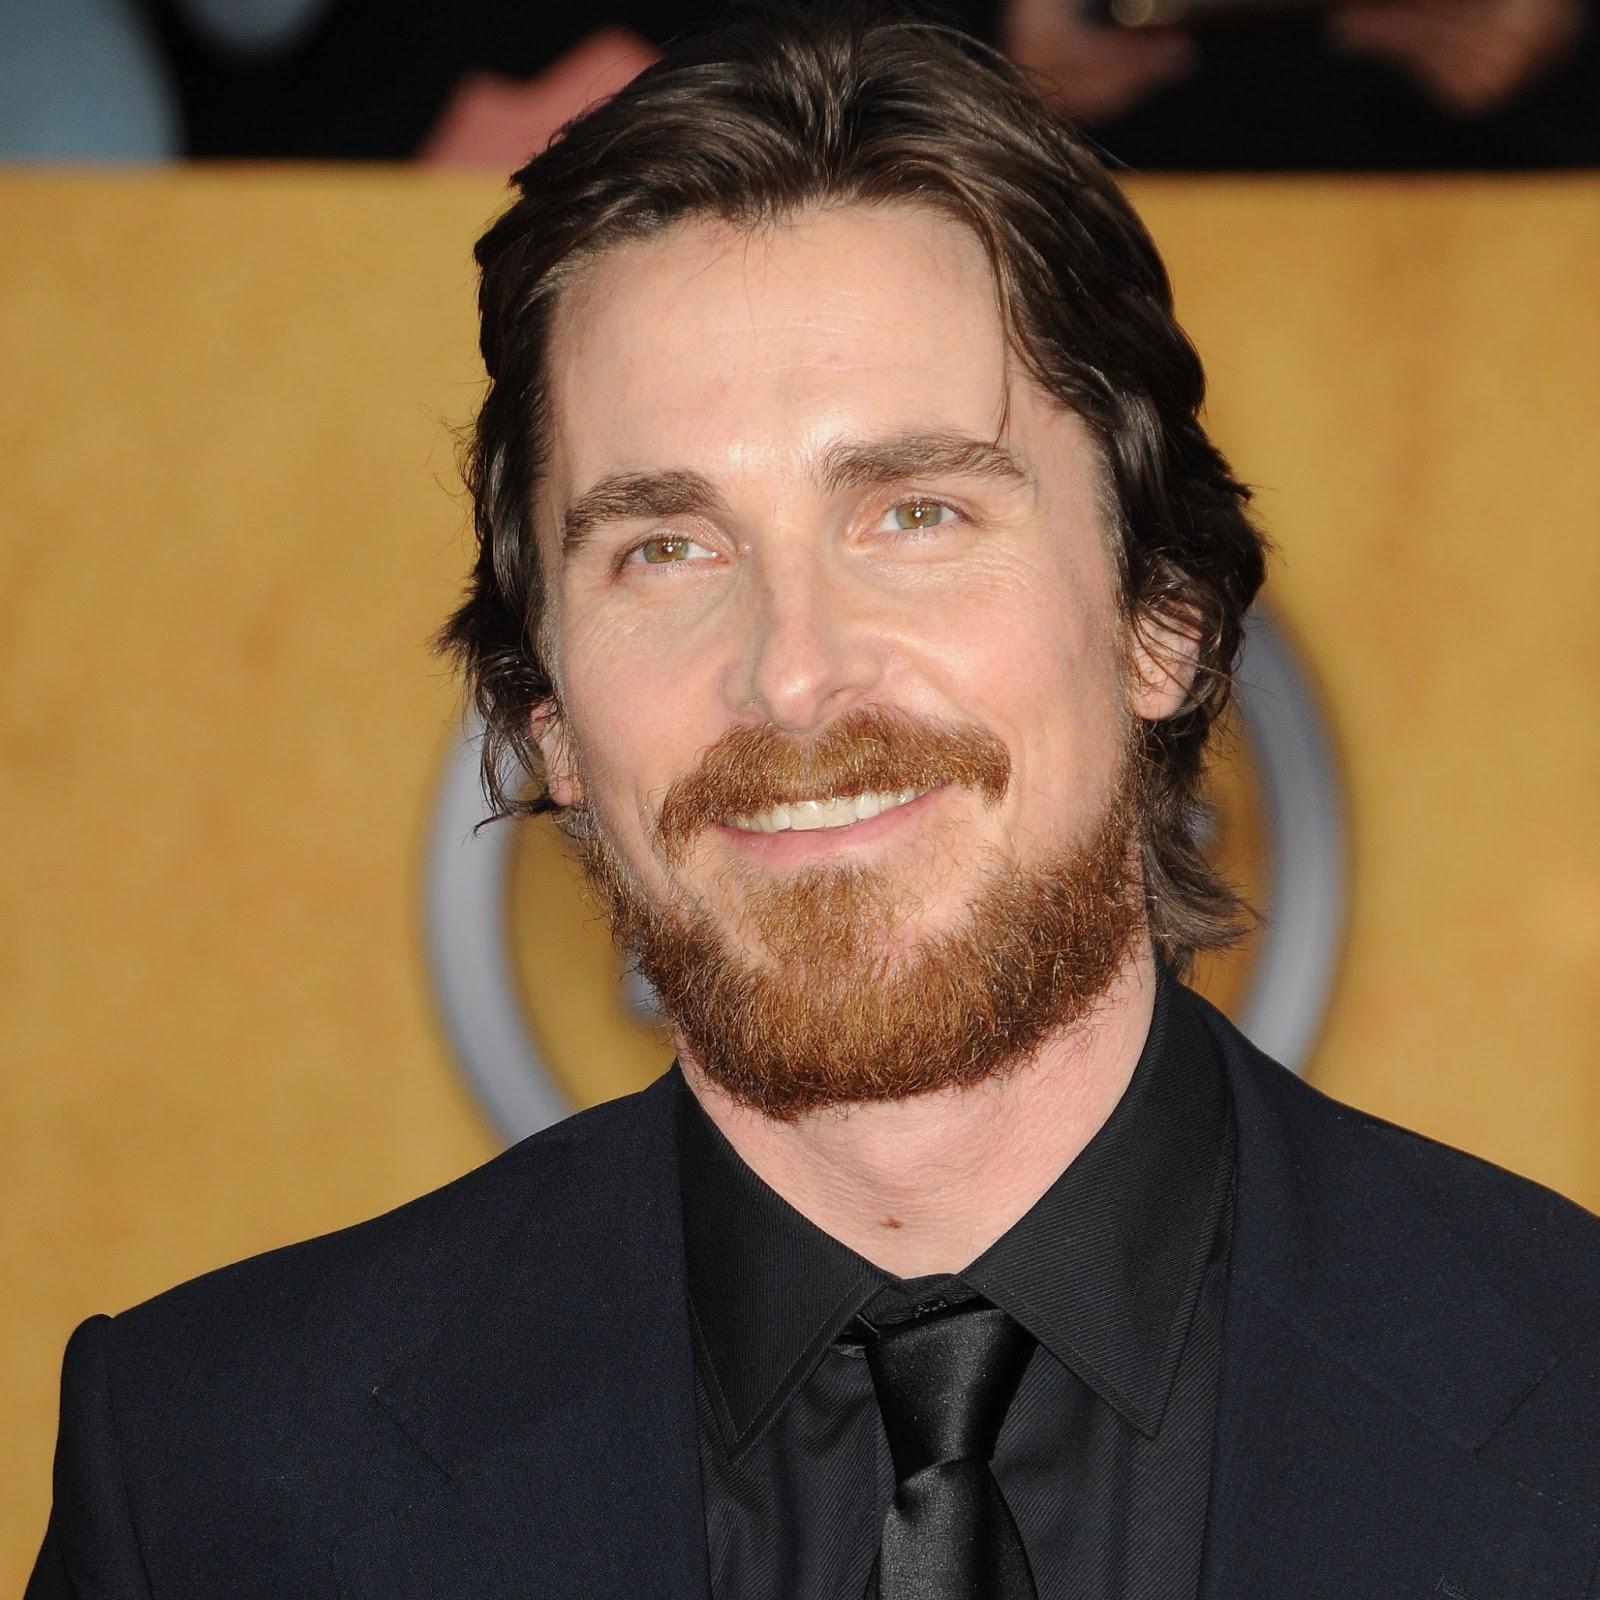 http://1.bp.blogspot.com/-7JgH_P4SYmc/UPxaJtbz5MI/AAAAAAAAA6g/qkWy5Tyahio/s1600/Christian+Bale.jpg